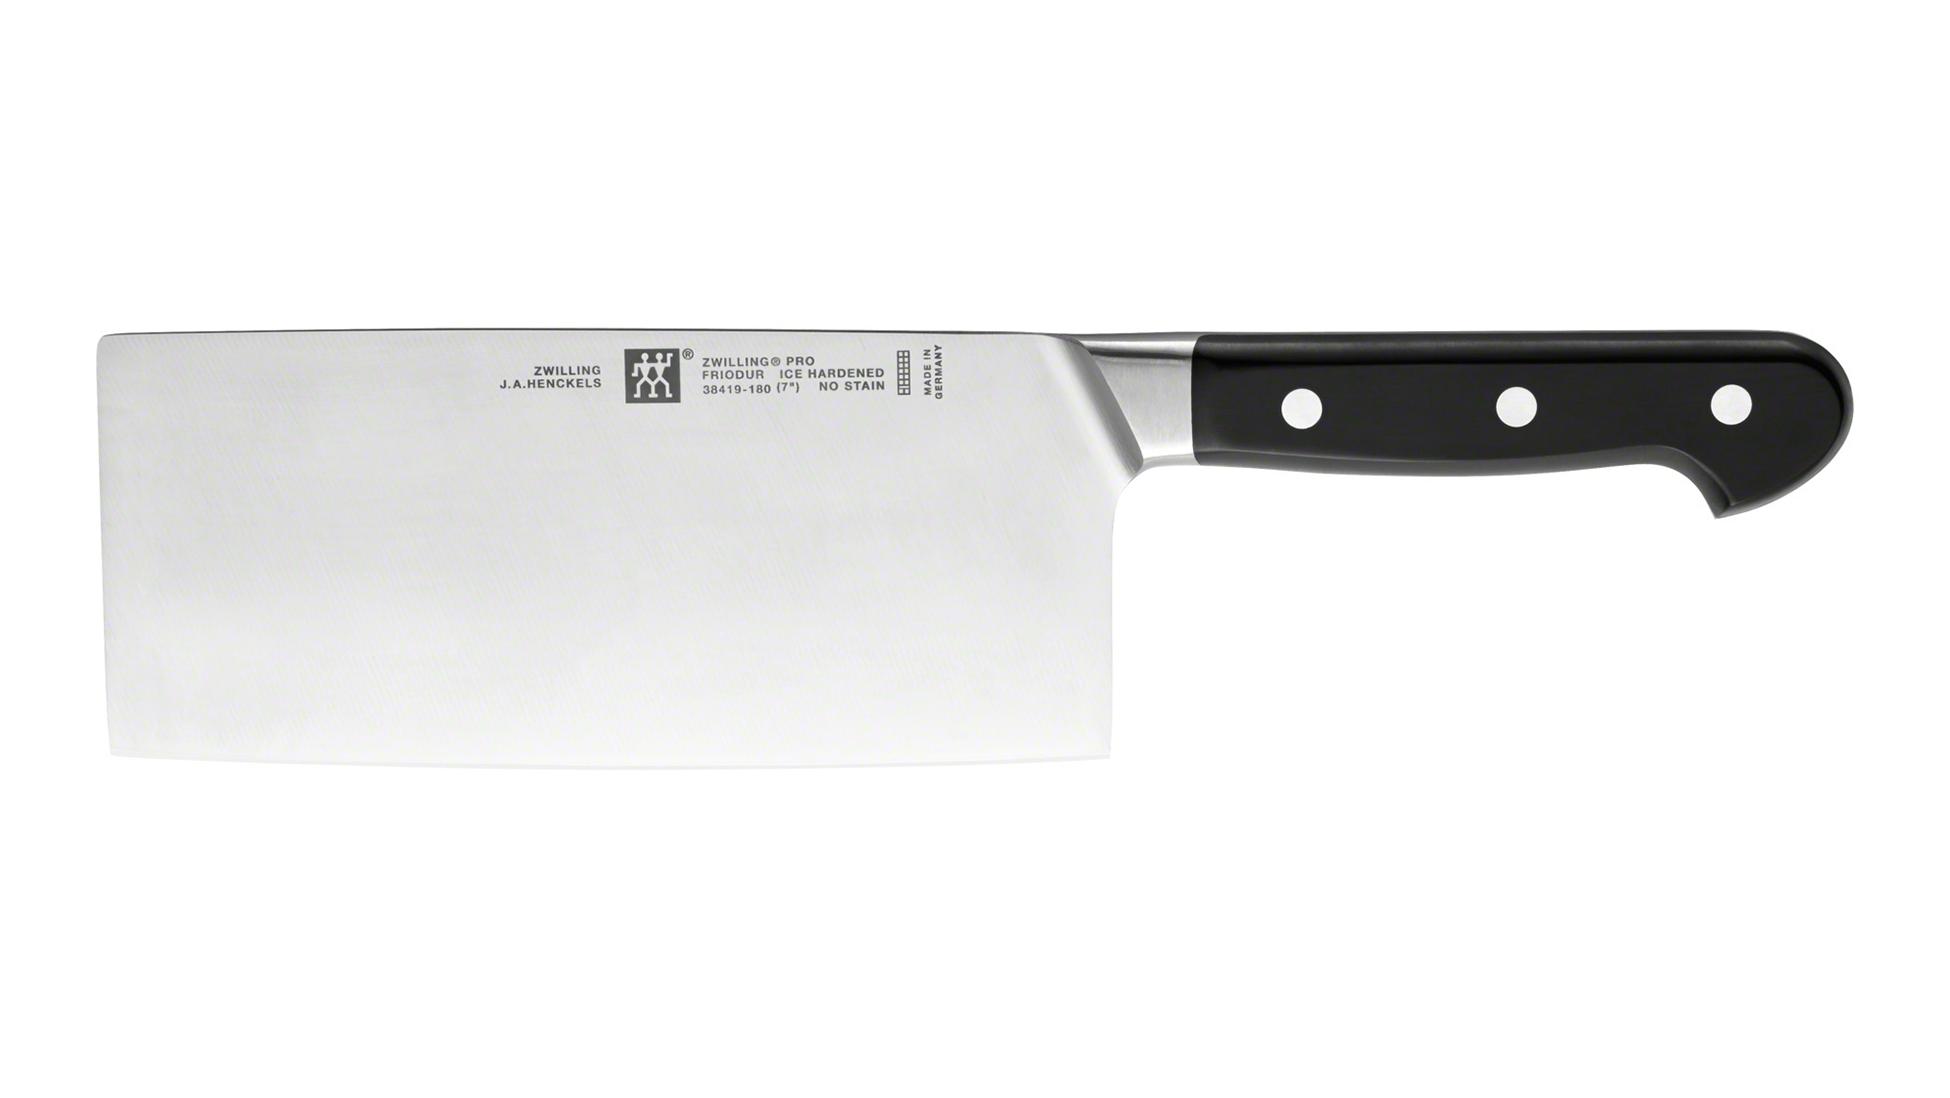 Nůž čínský sekáček kuchařský PRO 18 cm, ZWILLING